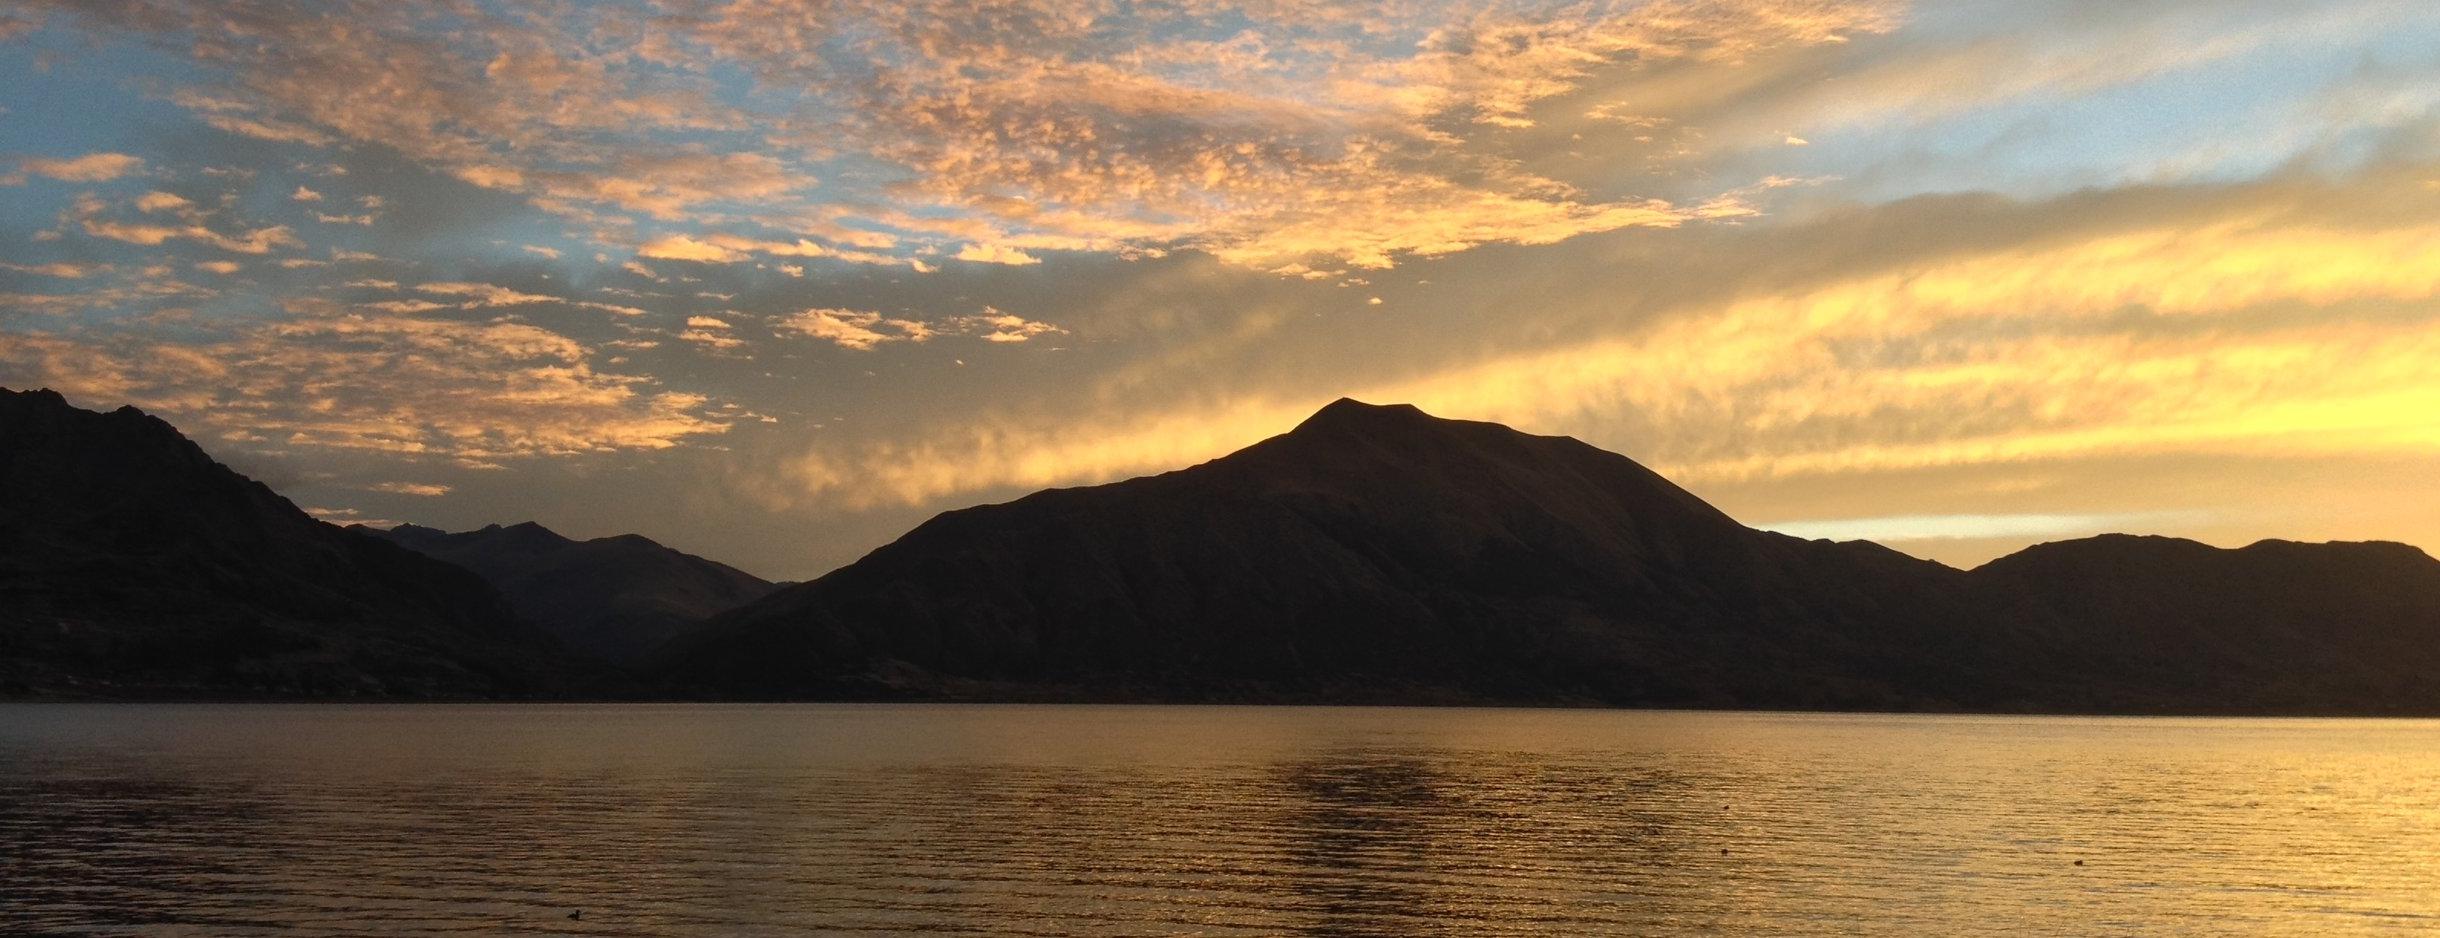 IMG_2058 Poma Canchi sunrise.JPG